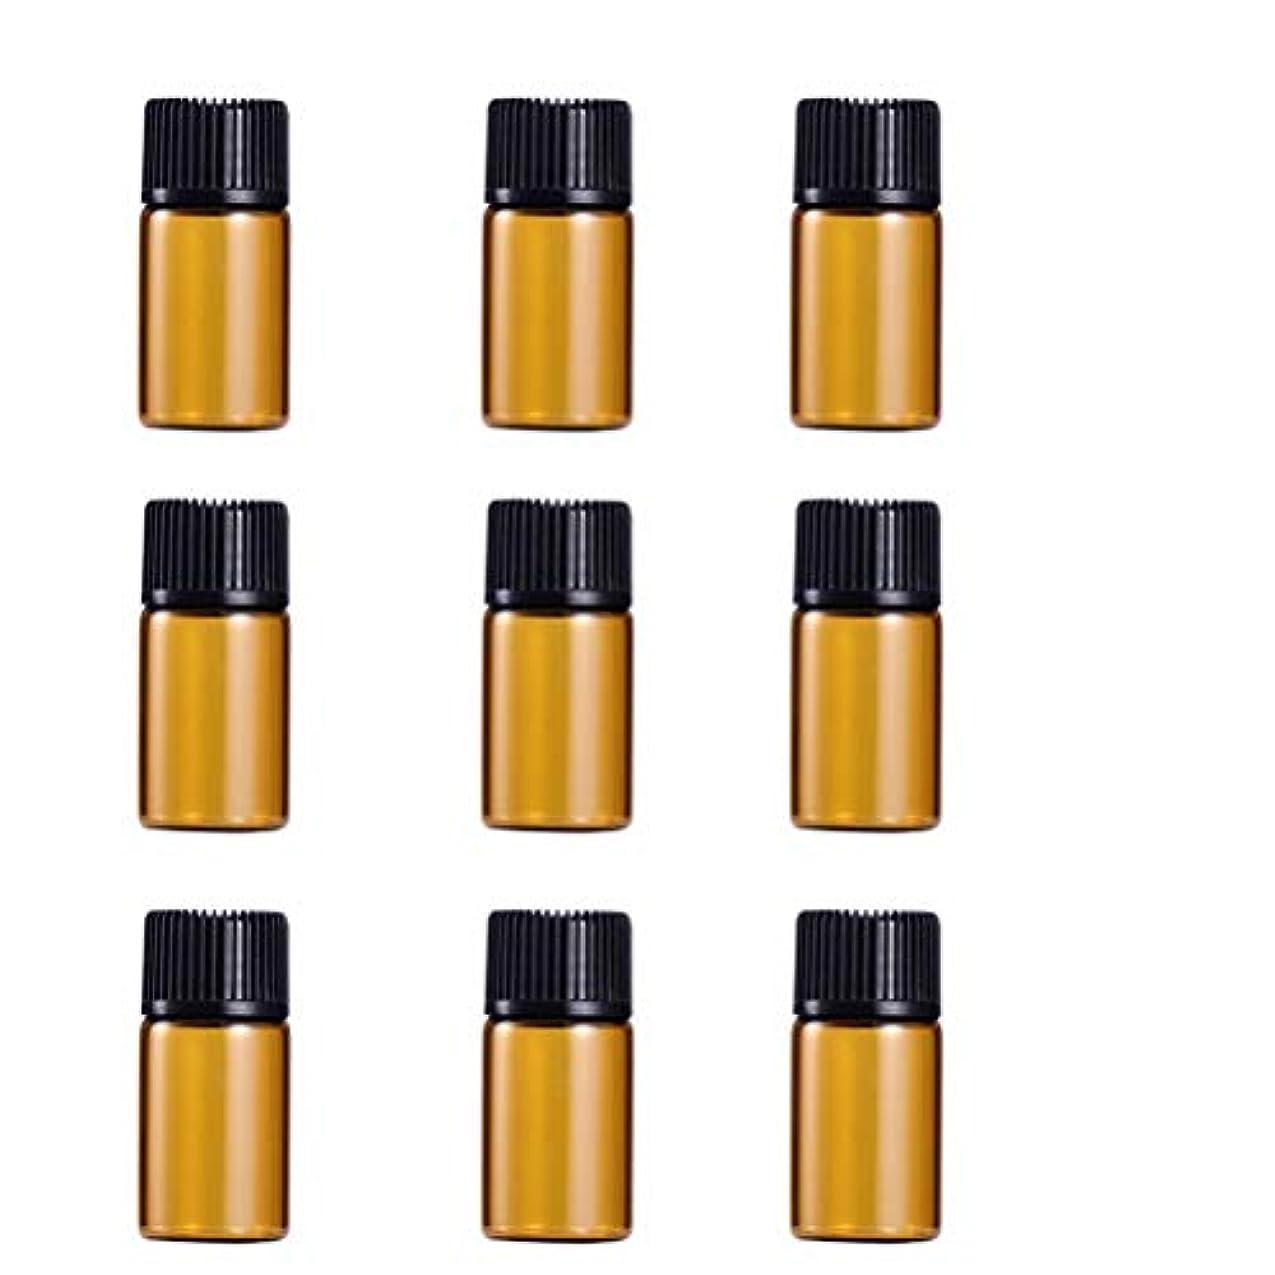 ここに市区町村歯科のWINOMO 遮光瓶 アロマオイル 精油 小分け用 遮光瓶セット アロマボトル 保存容器 エッセンシャルオイル 香水 保存用 詰替え ガラス 茶色(9個入り 3ml)